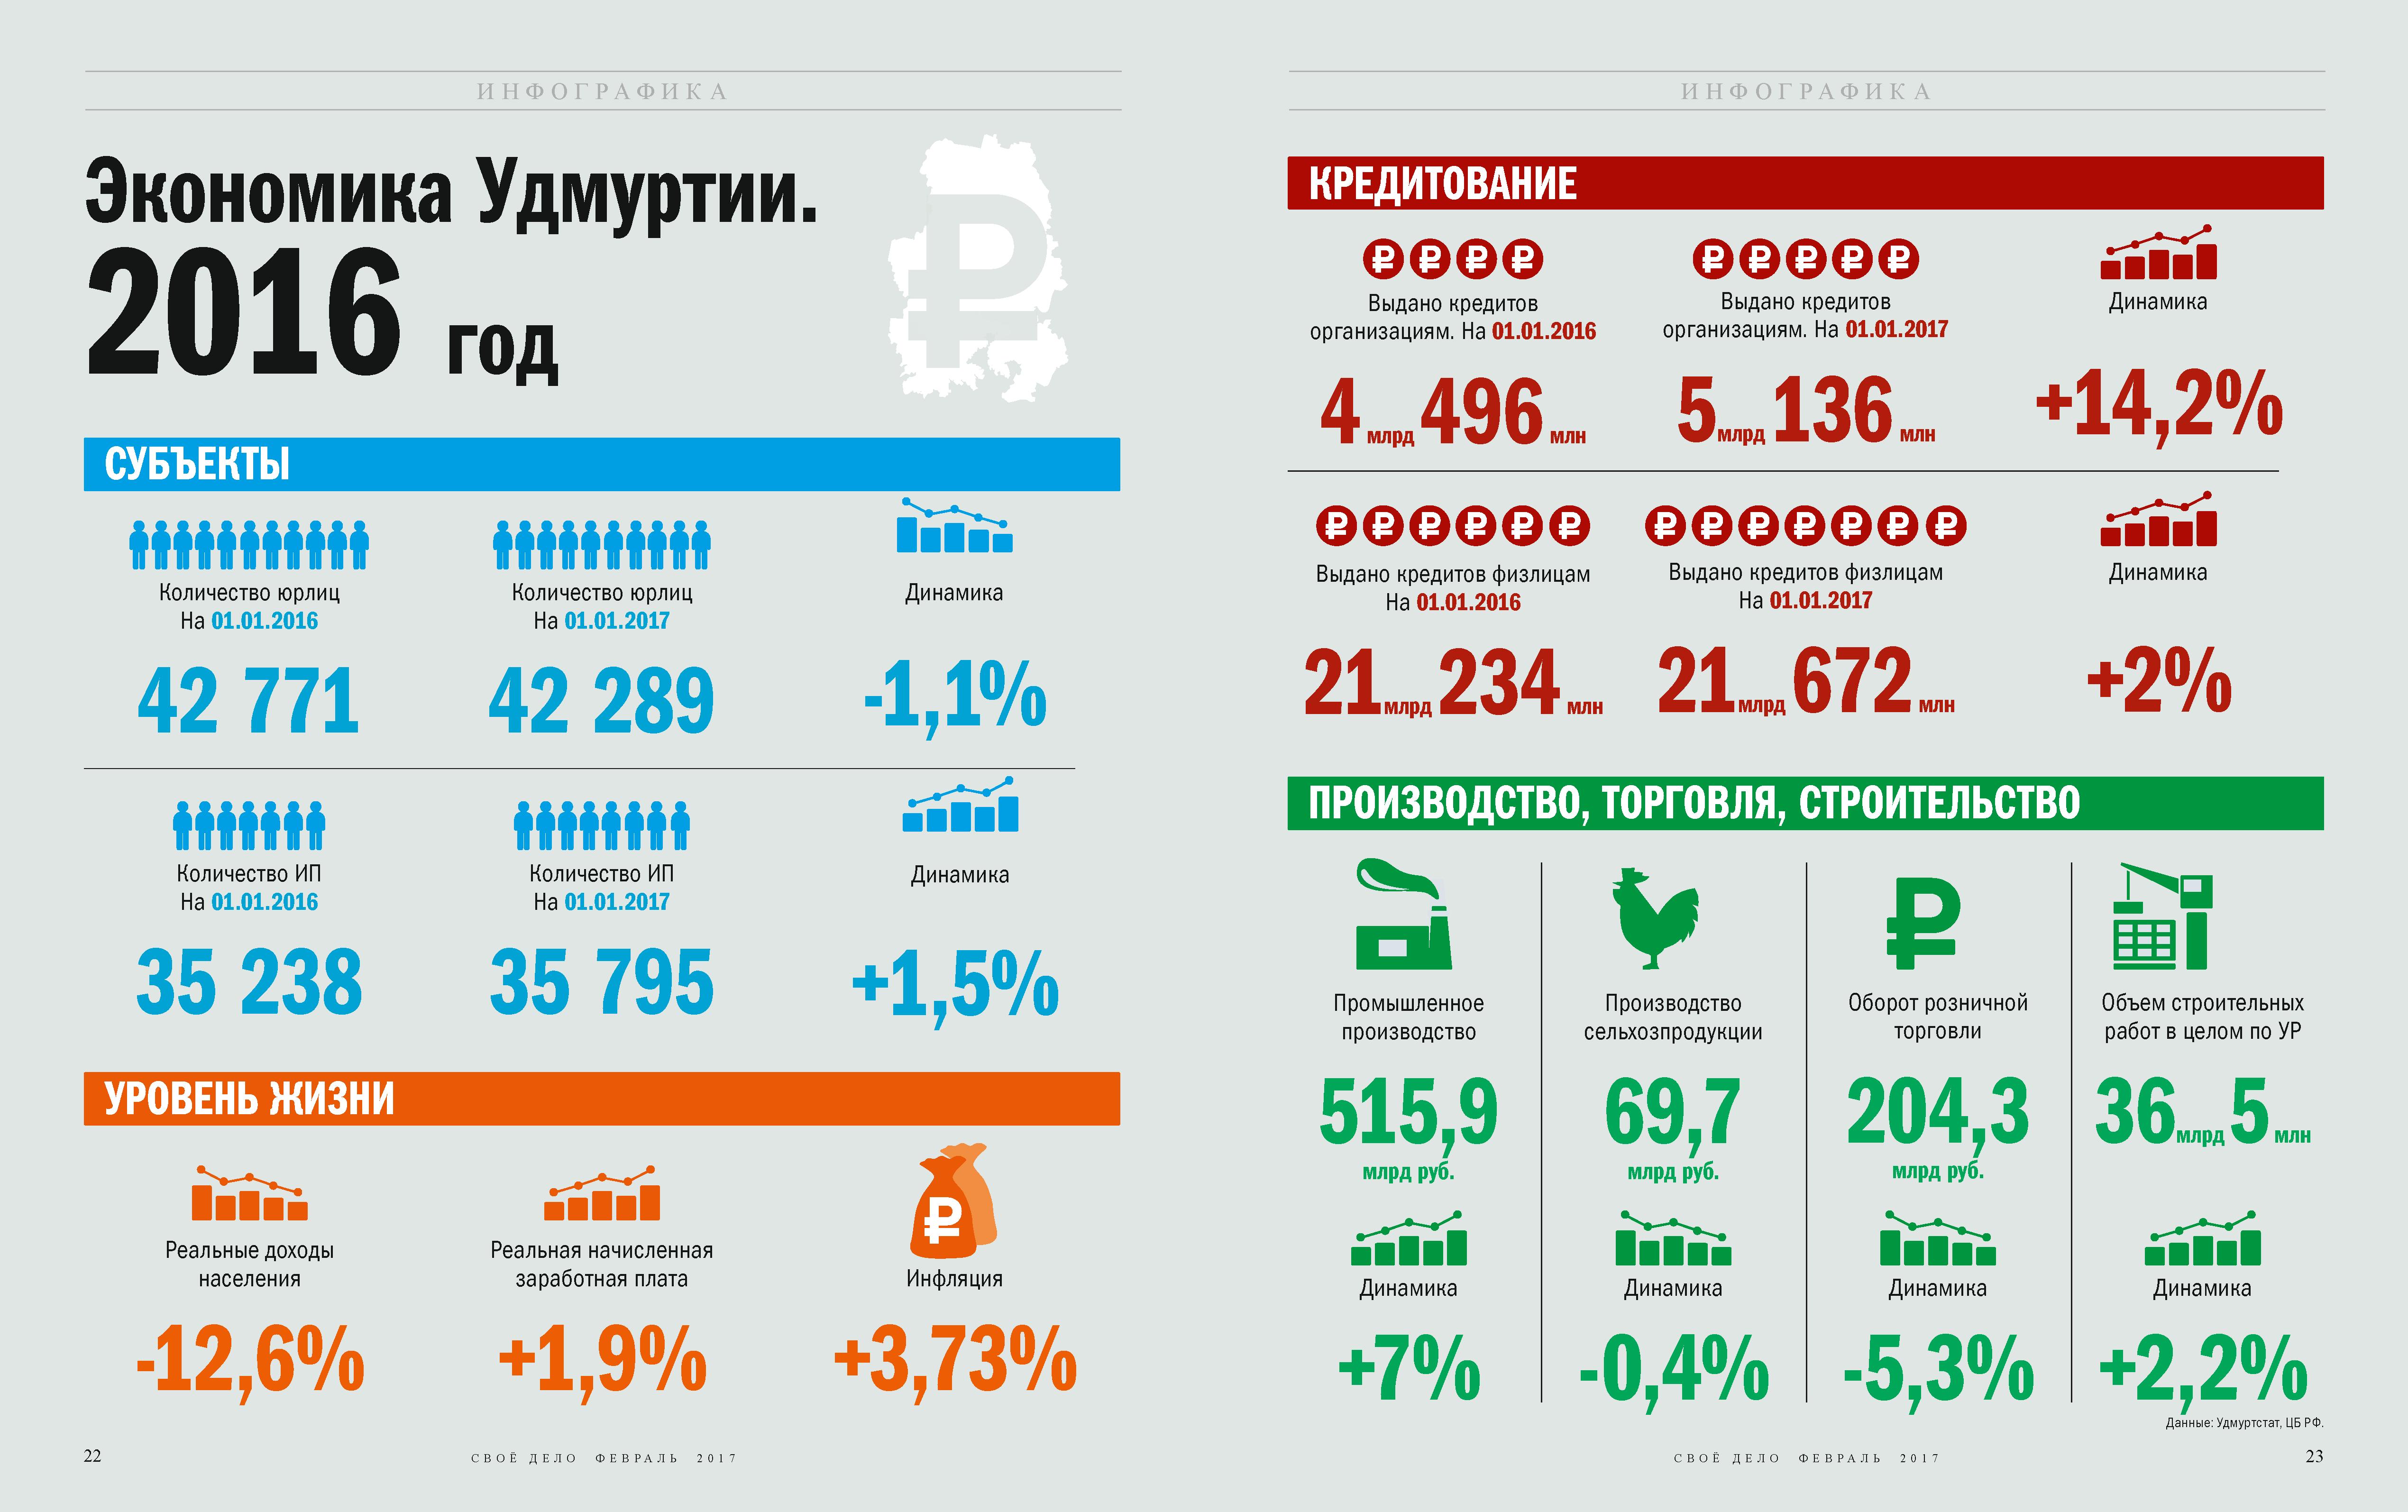 Экономика Удмуртии в 2016 году, основные индикаторы. Инфографика